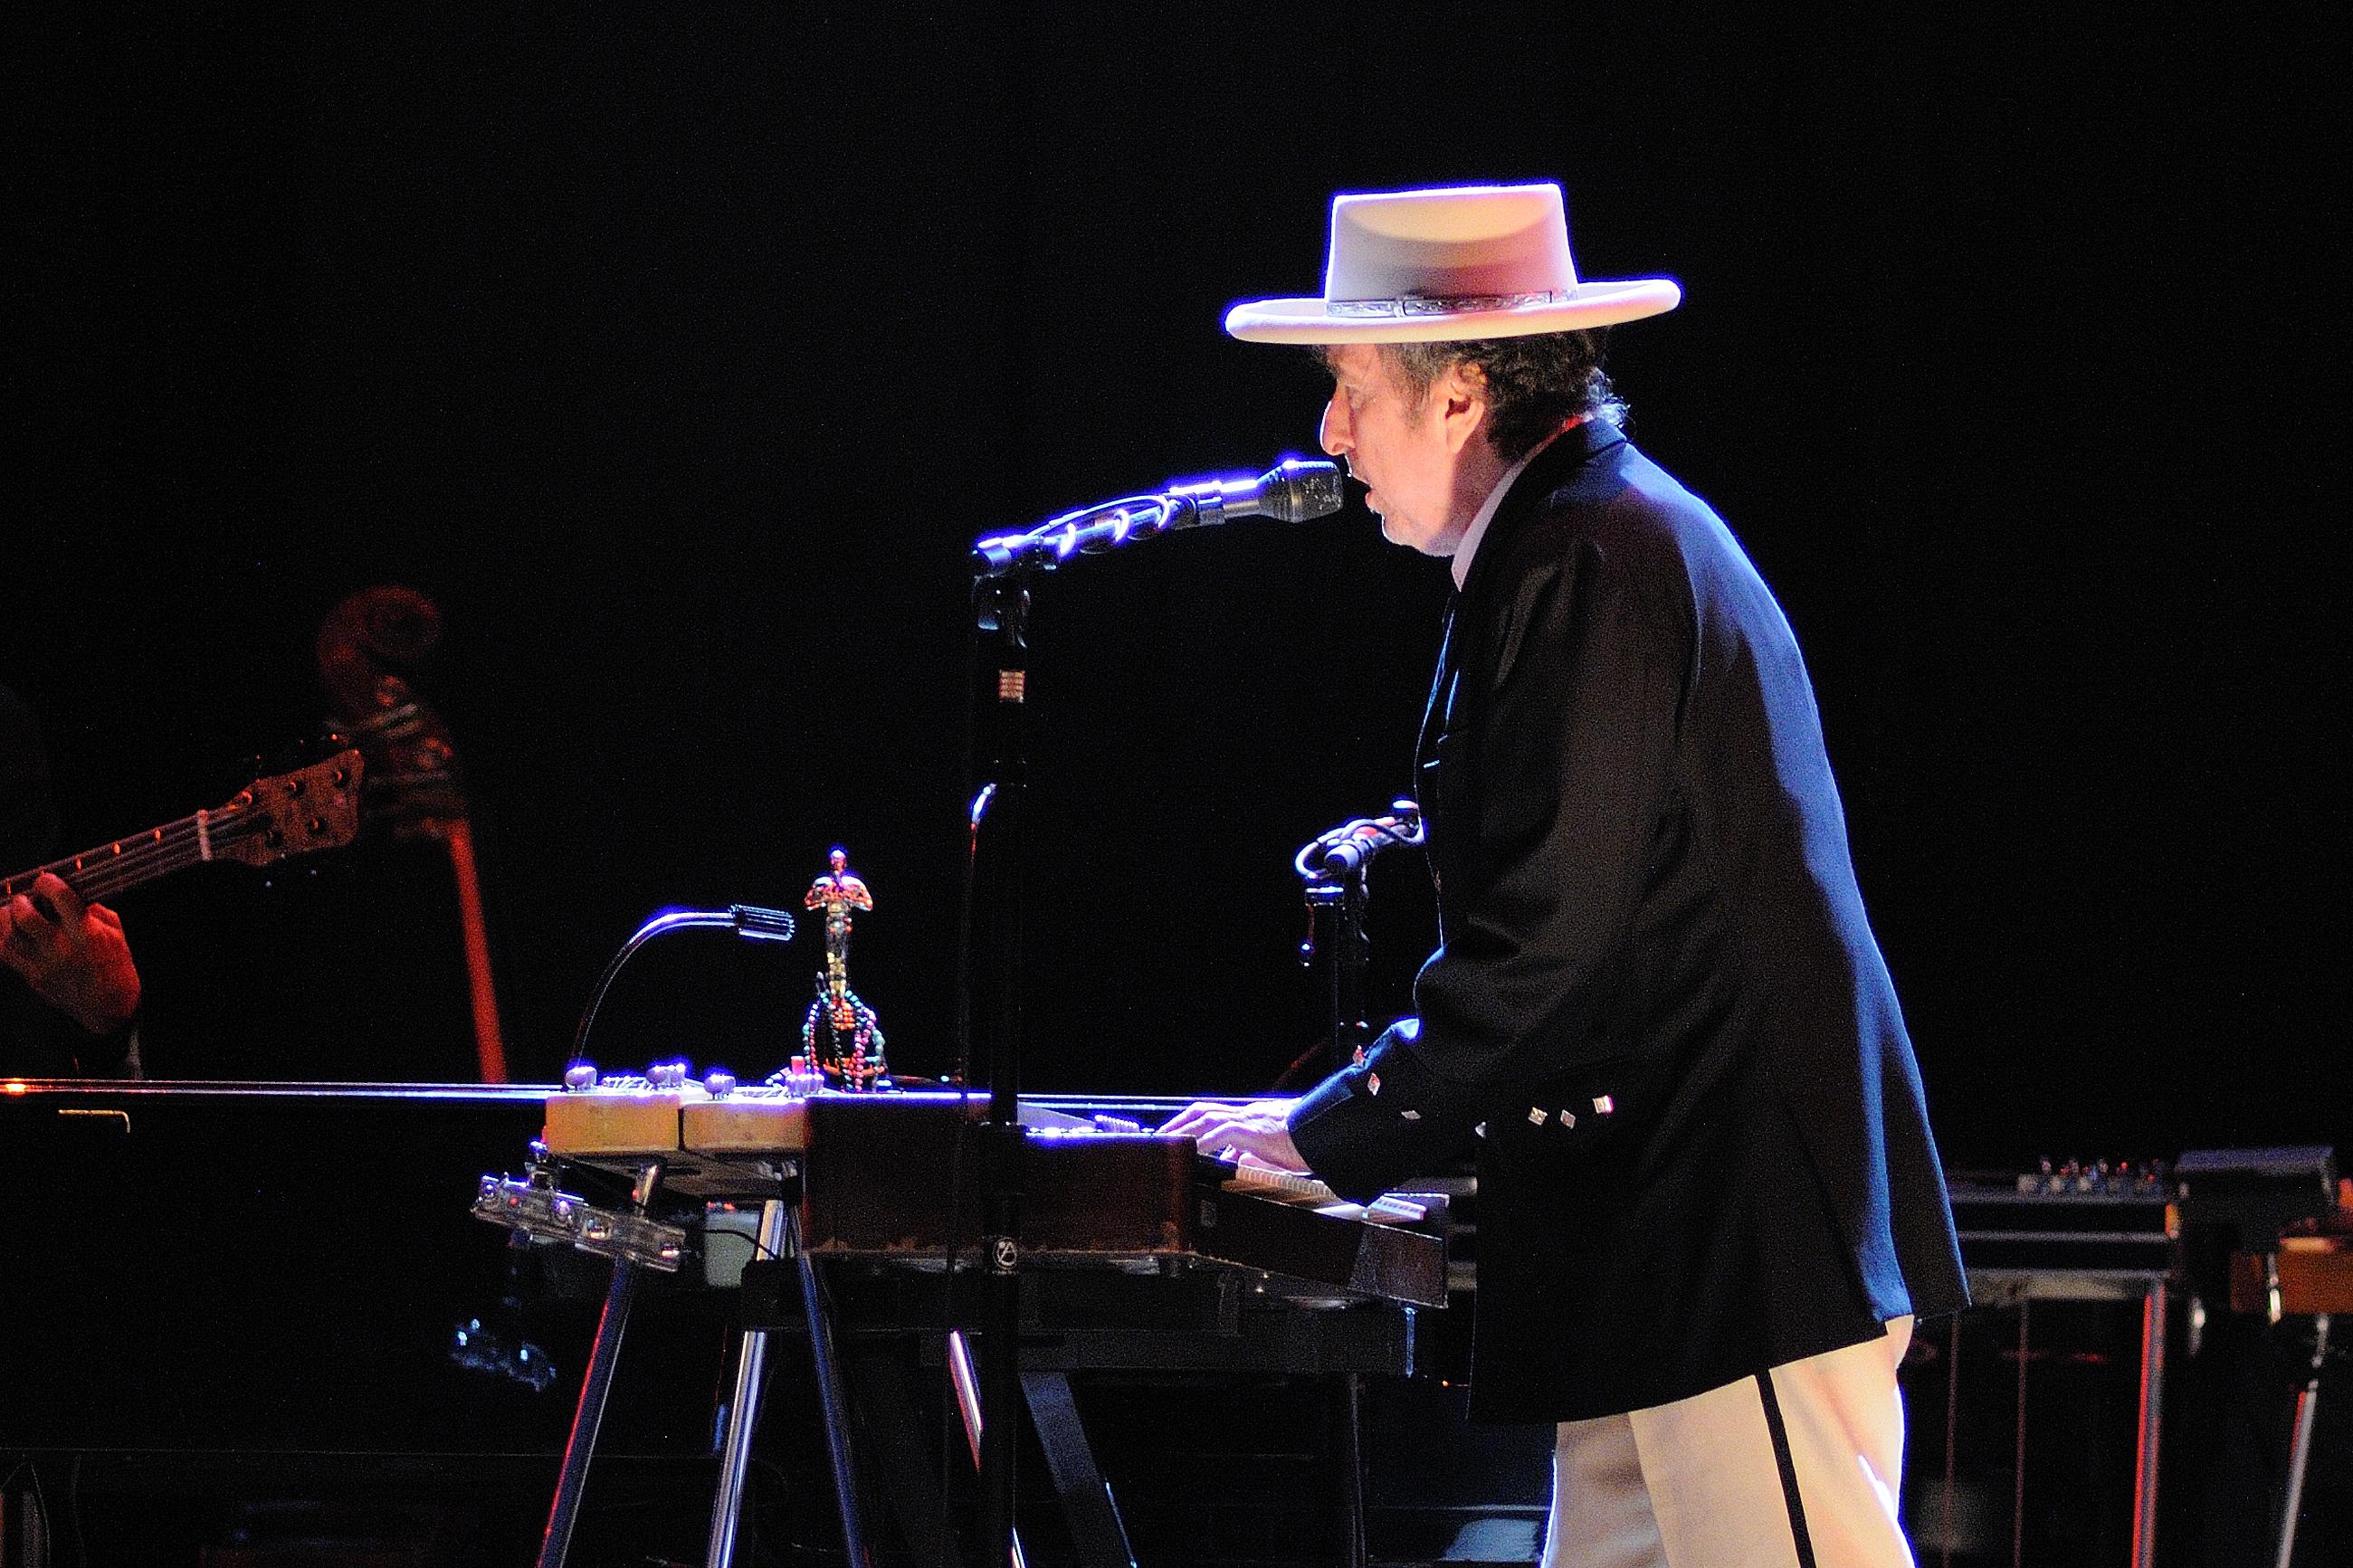 Cantor receberá o Nobel de Literatura neste final de semana — Bob Dylan